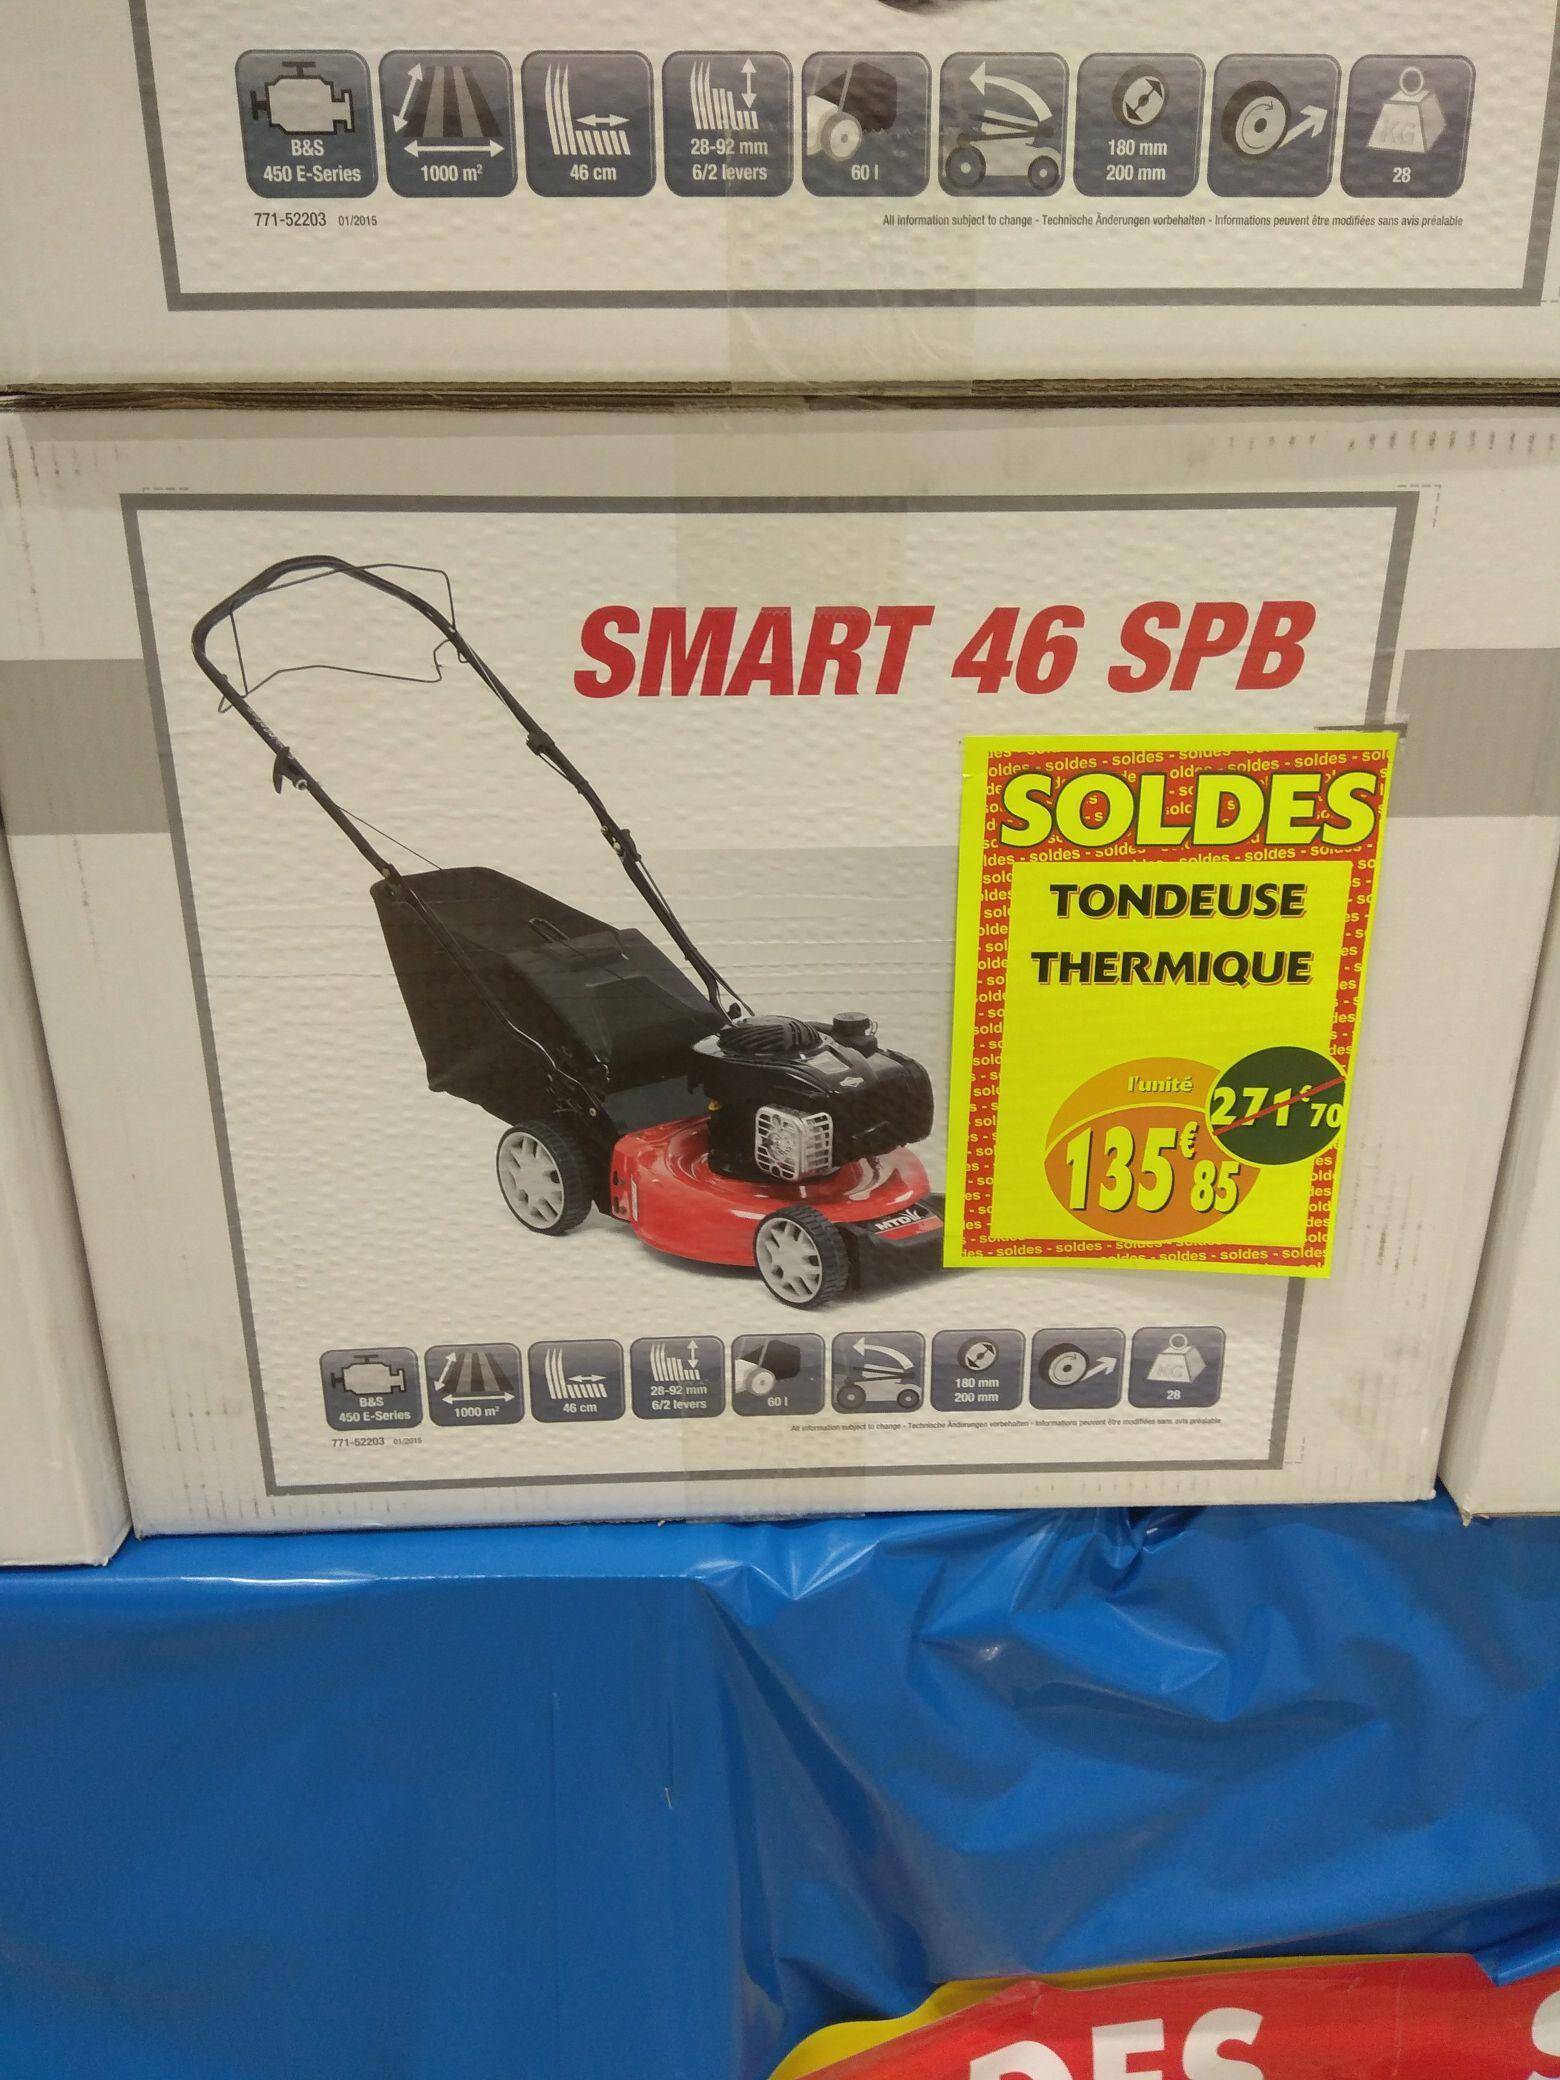 Tondeuse à gazon thermique Smart 46 SPB - Bonneuil sur Marne (94)